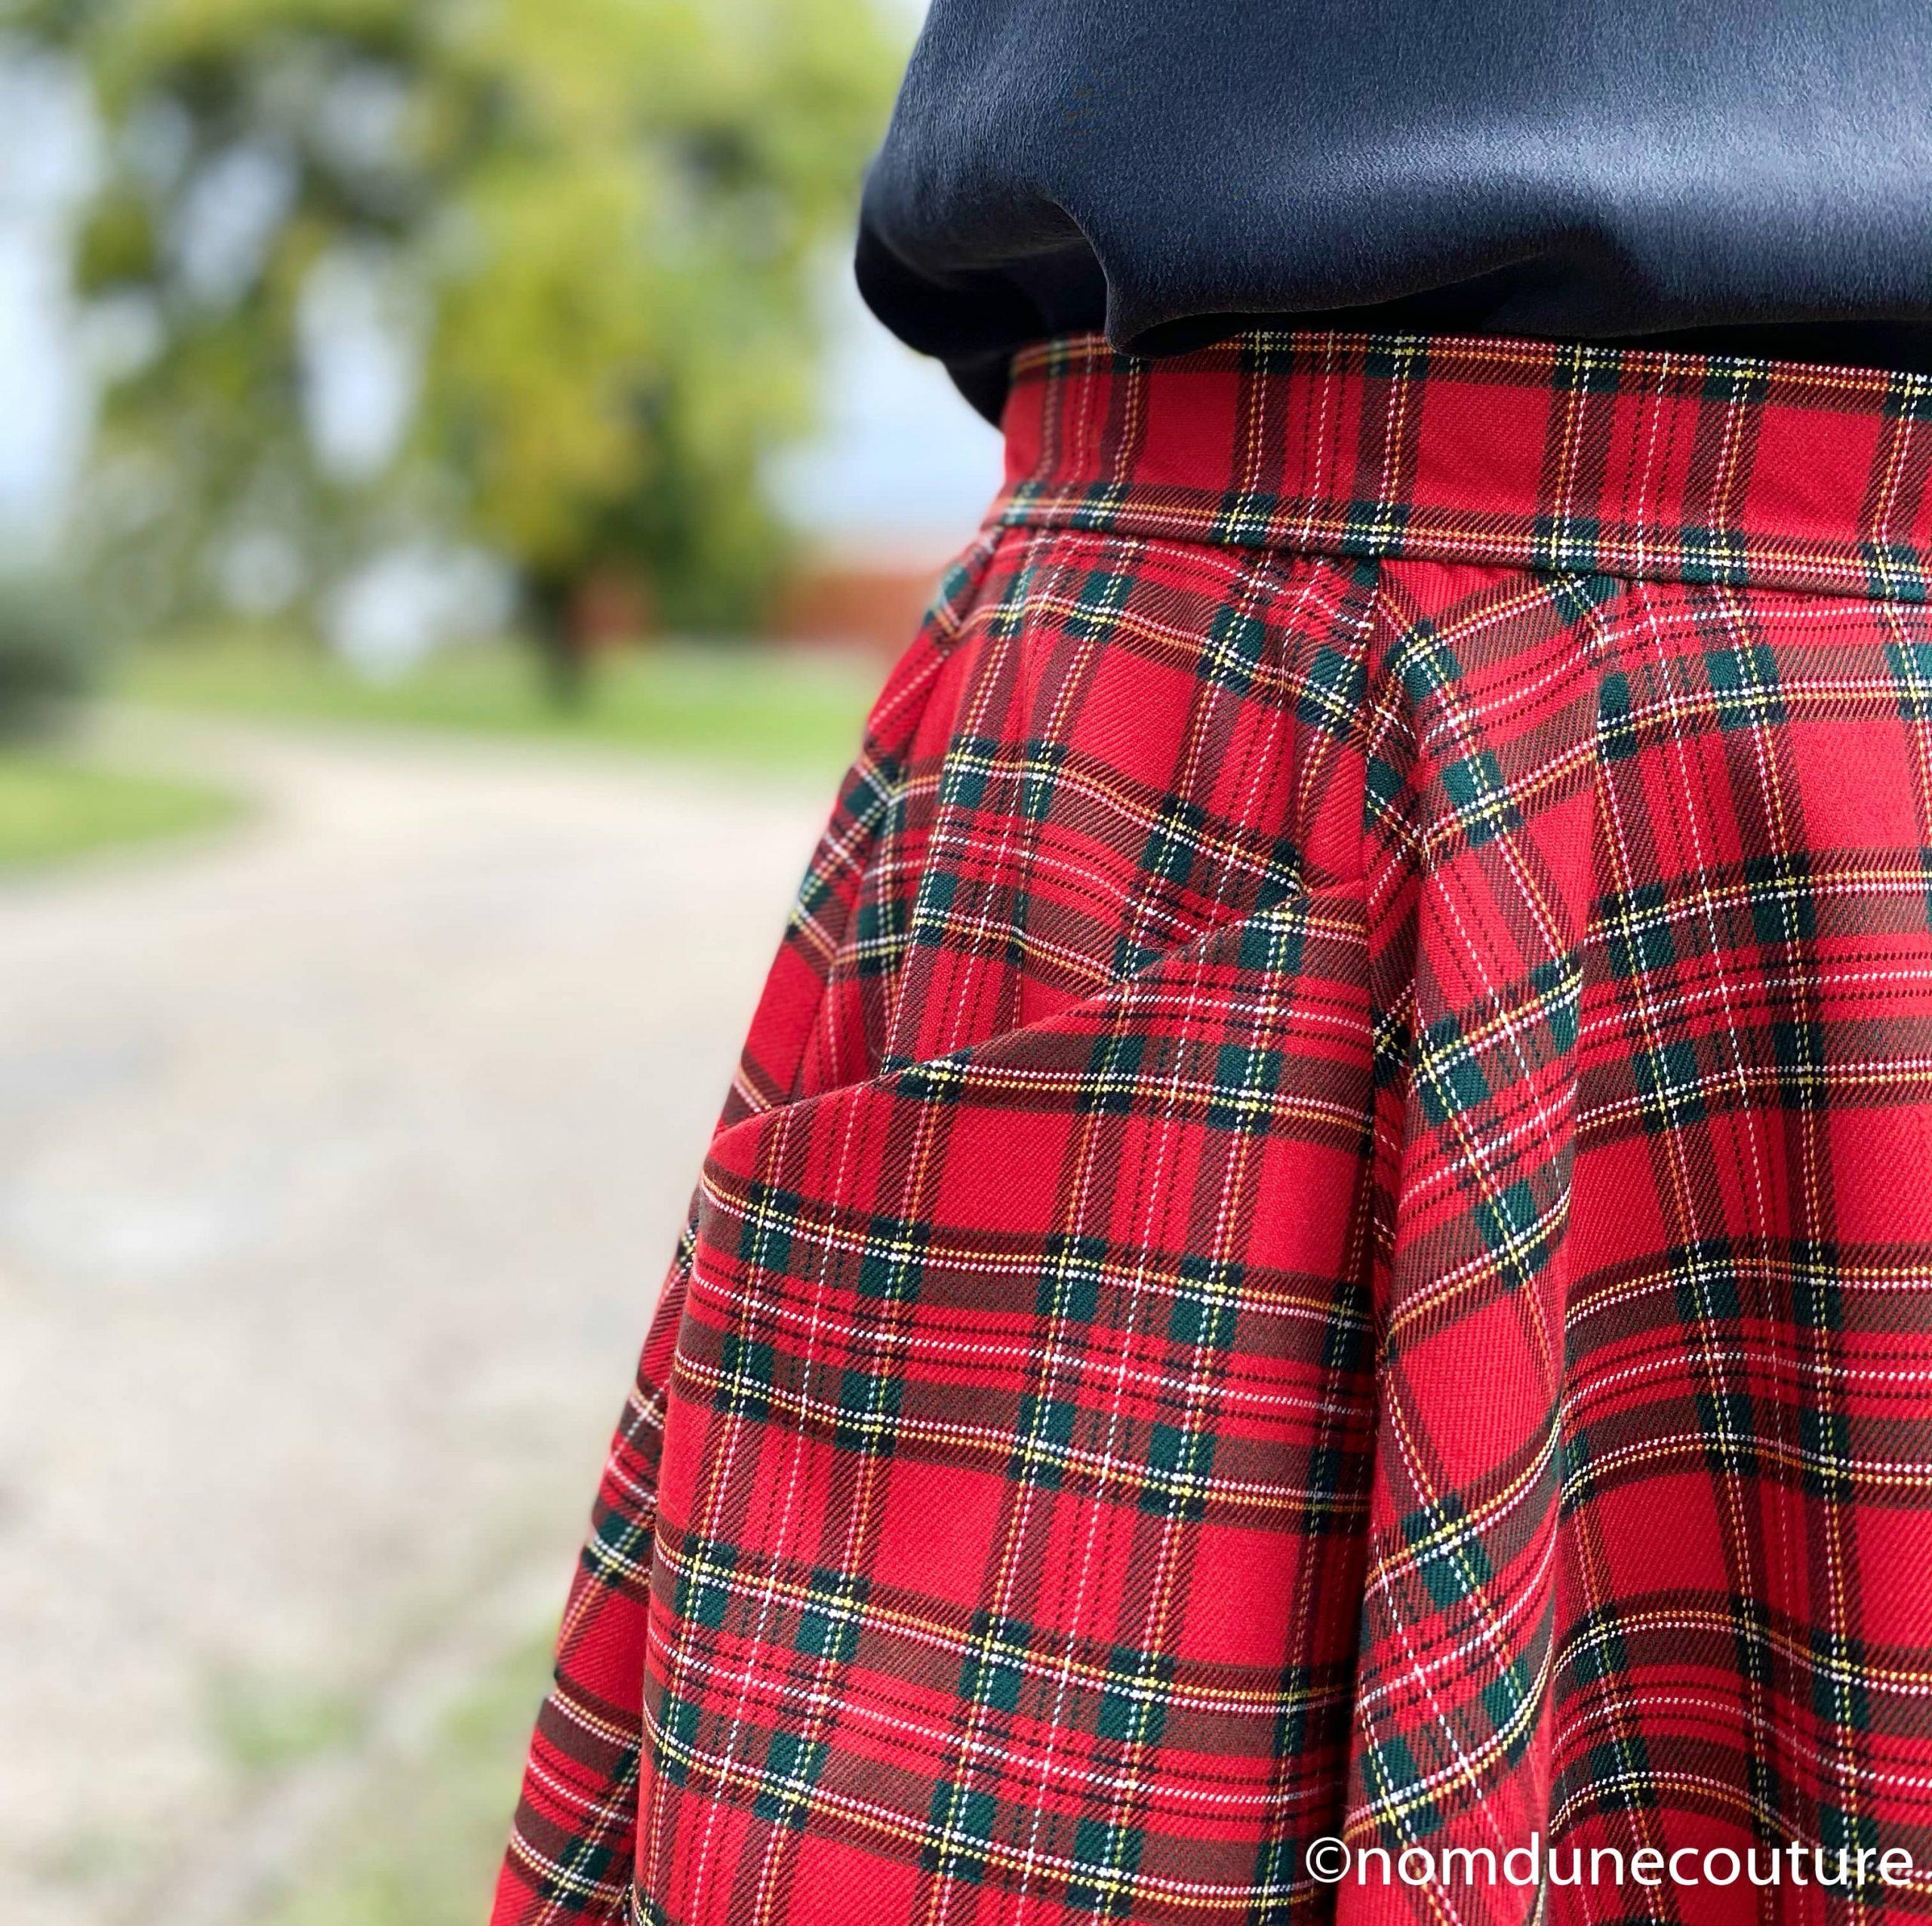 coudre une jupe avec des raccords de carreaux